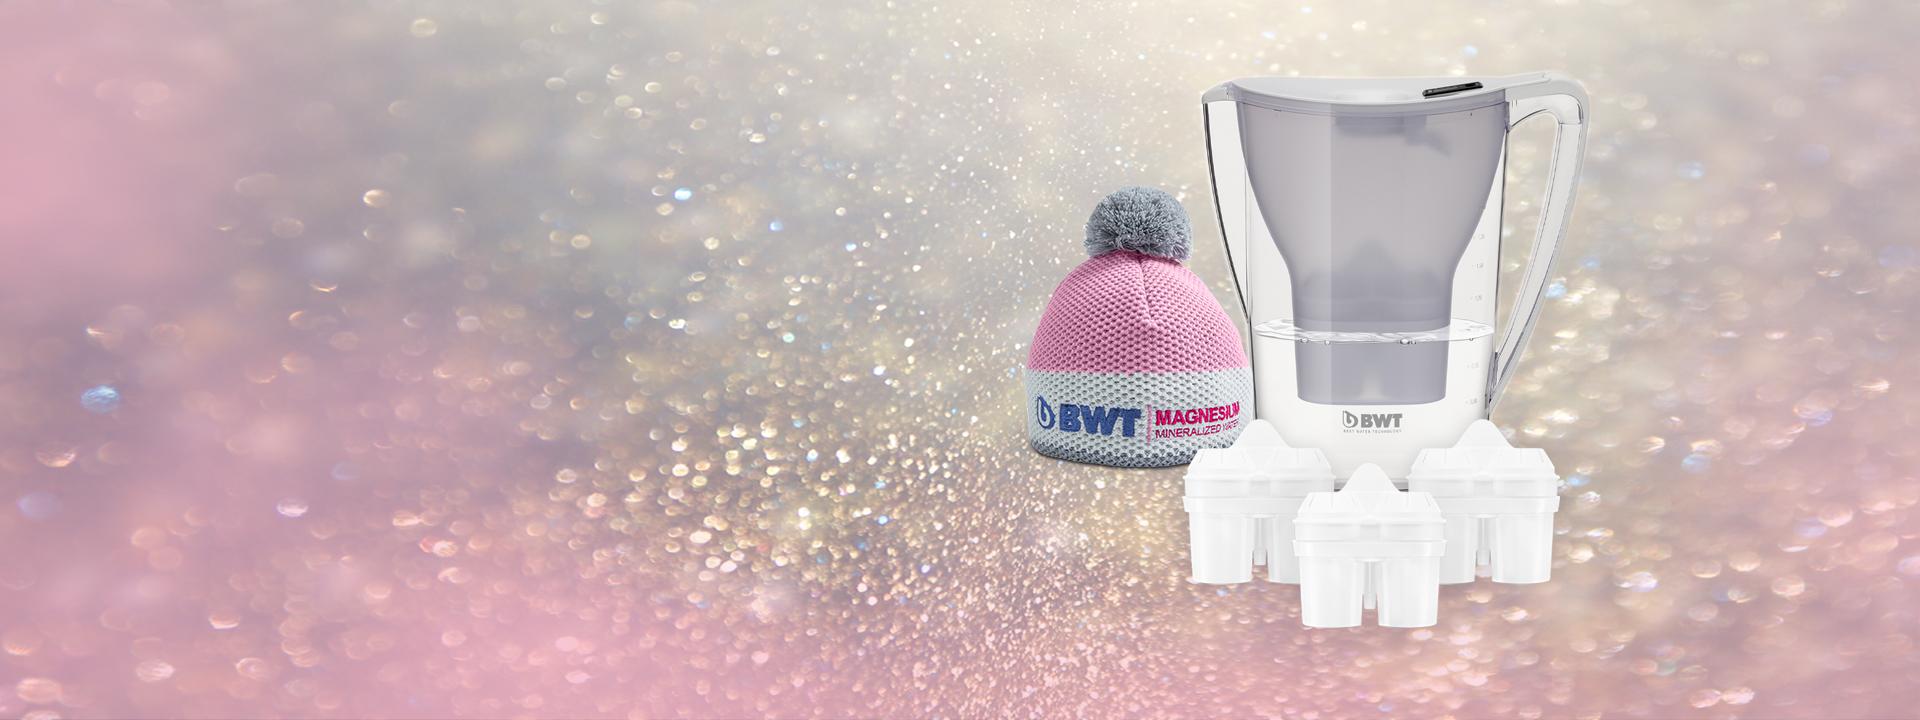 Das perfekte Geschenk für die kalte Jahreszeit. Nur für kurze Zeit erhältlich!